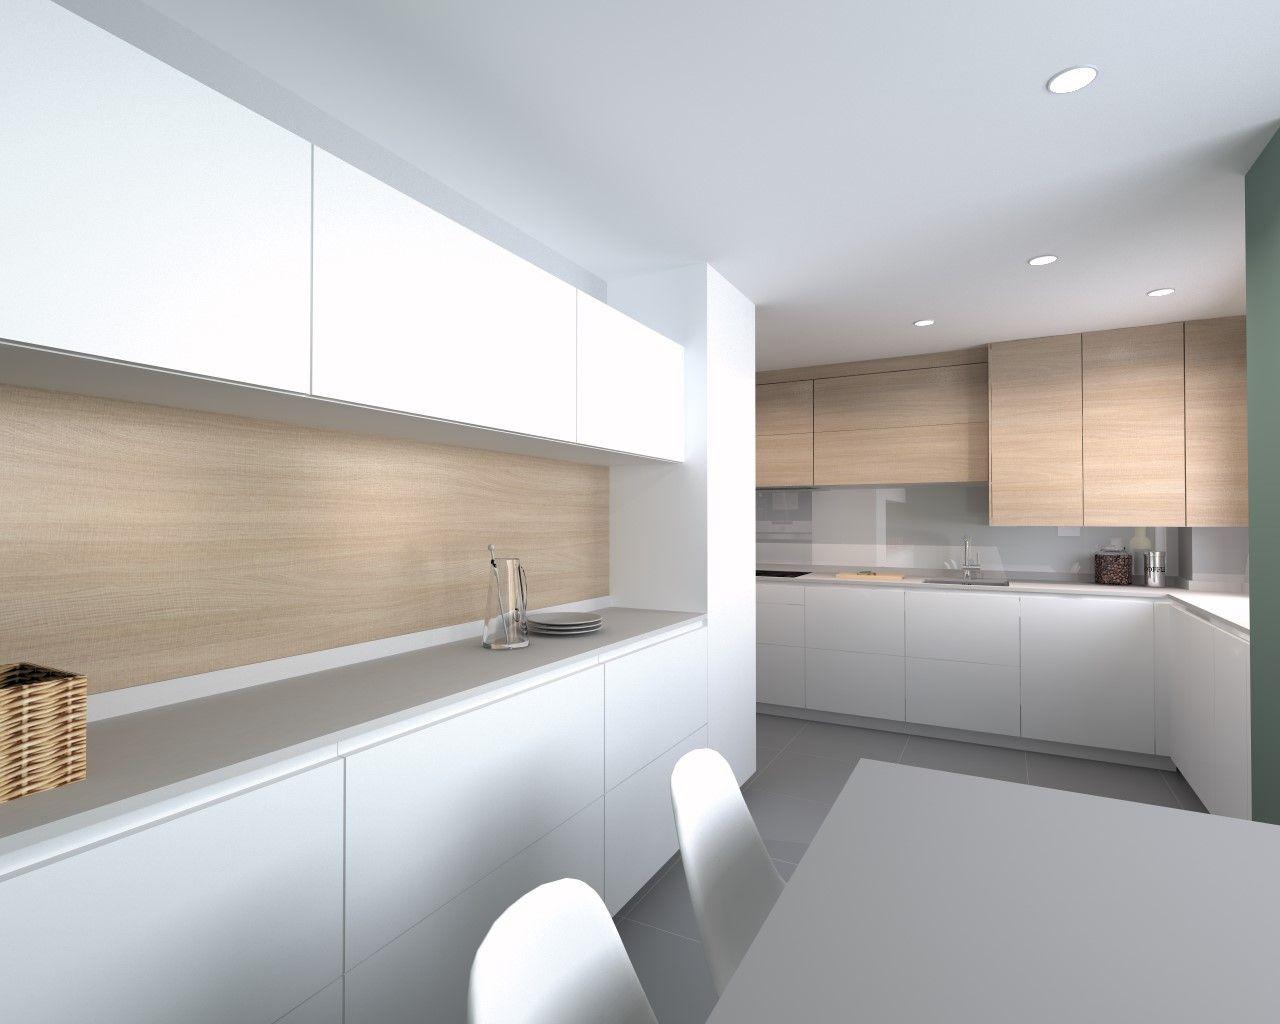 Cocina Santos Modelo Line E 13 Blanco Innsbruk Y Roble Kairos Iluminacion De Cocina Moderna Cocina Comedor Concepto Abierto Cocinas Blancas Modernas